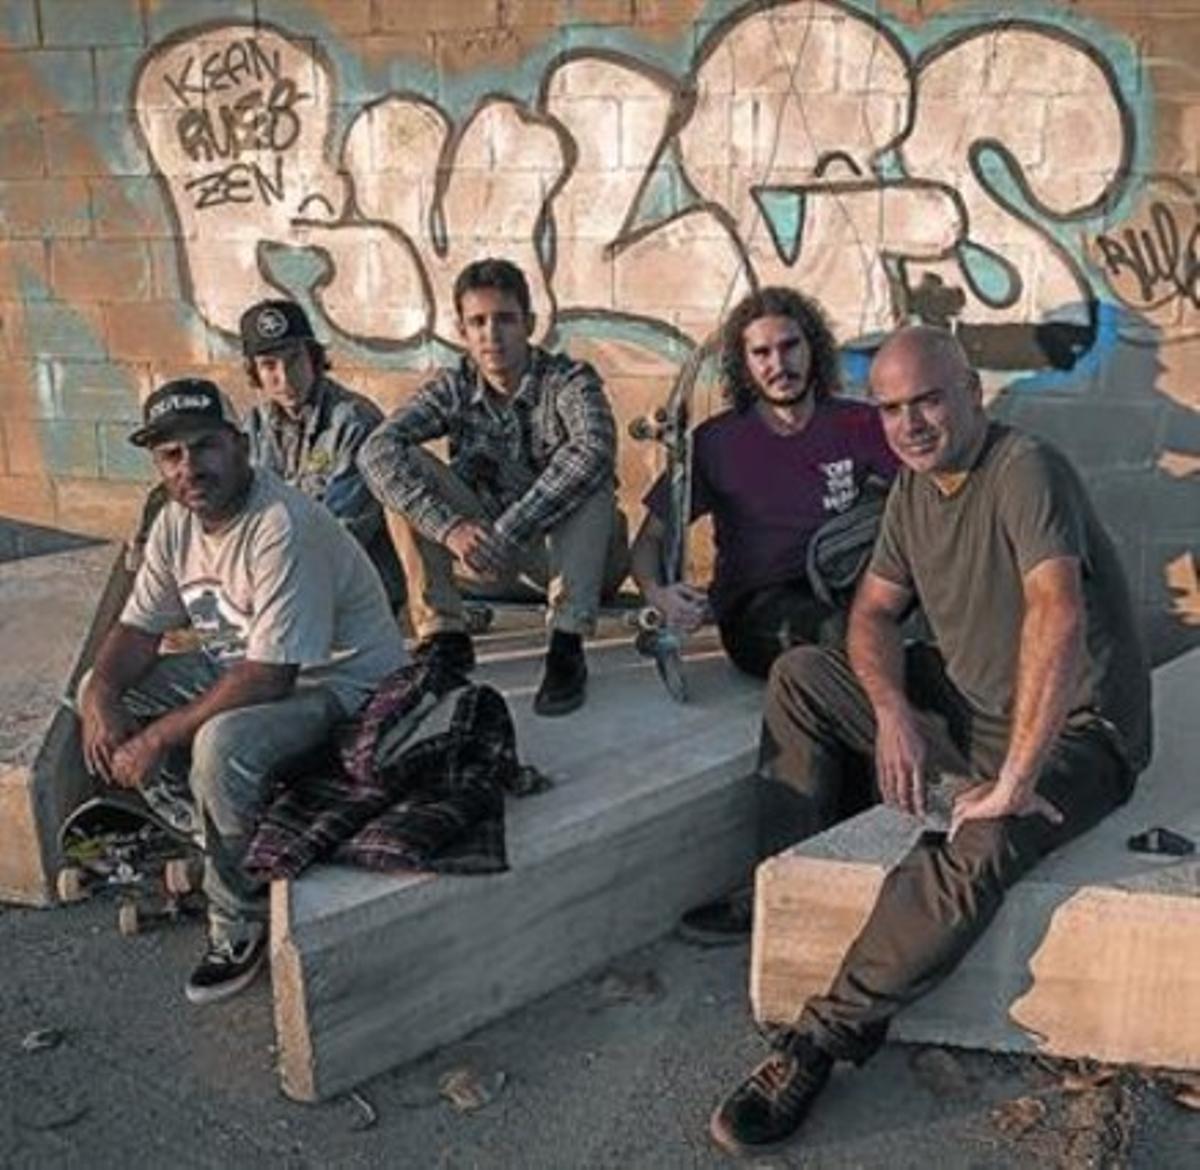 Arenas (izquierda), Juárez (derecha) y tresde los 'skaters' que han colaborado en laconcepción de la instalación.